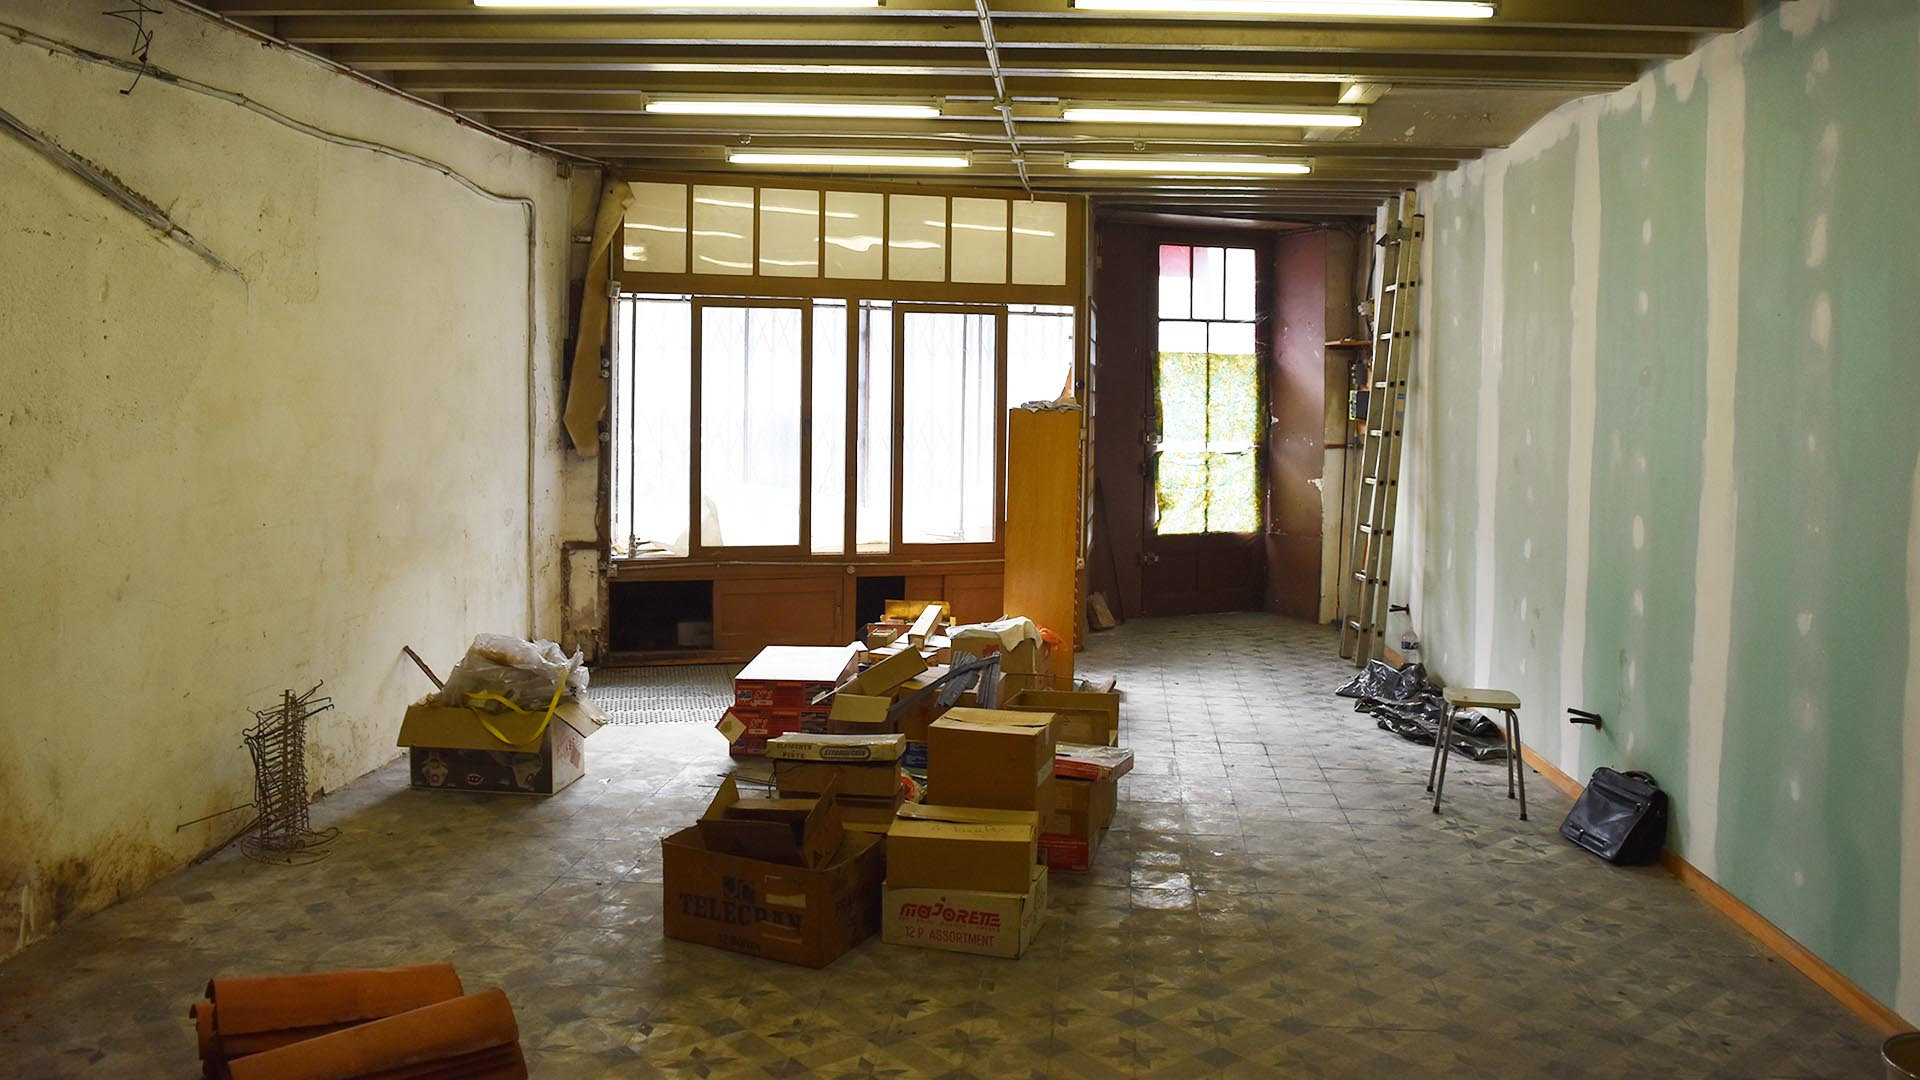 Quel projet de réaménagement poru cette pièce